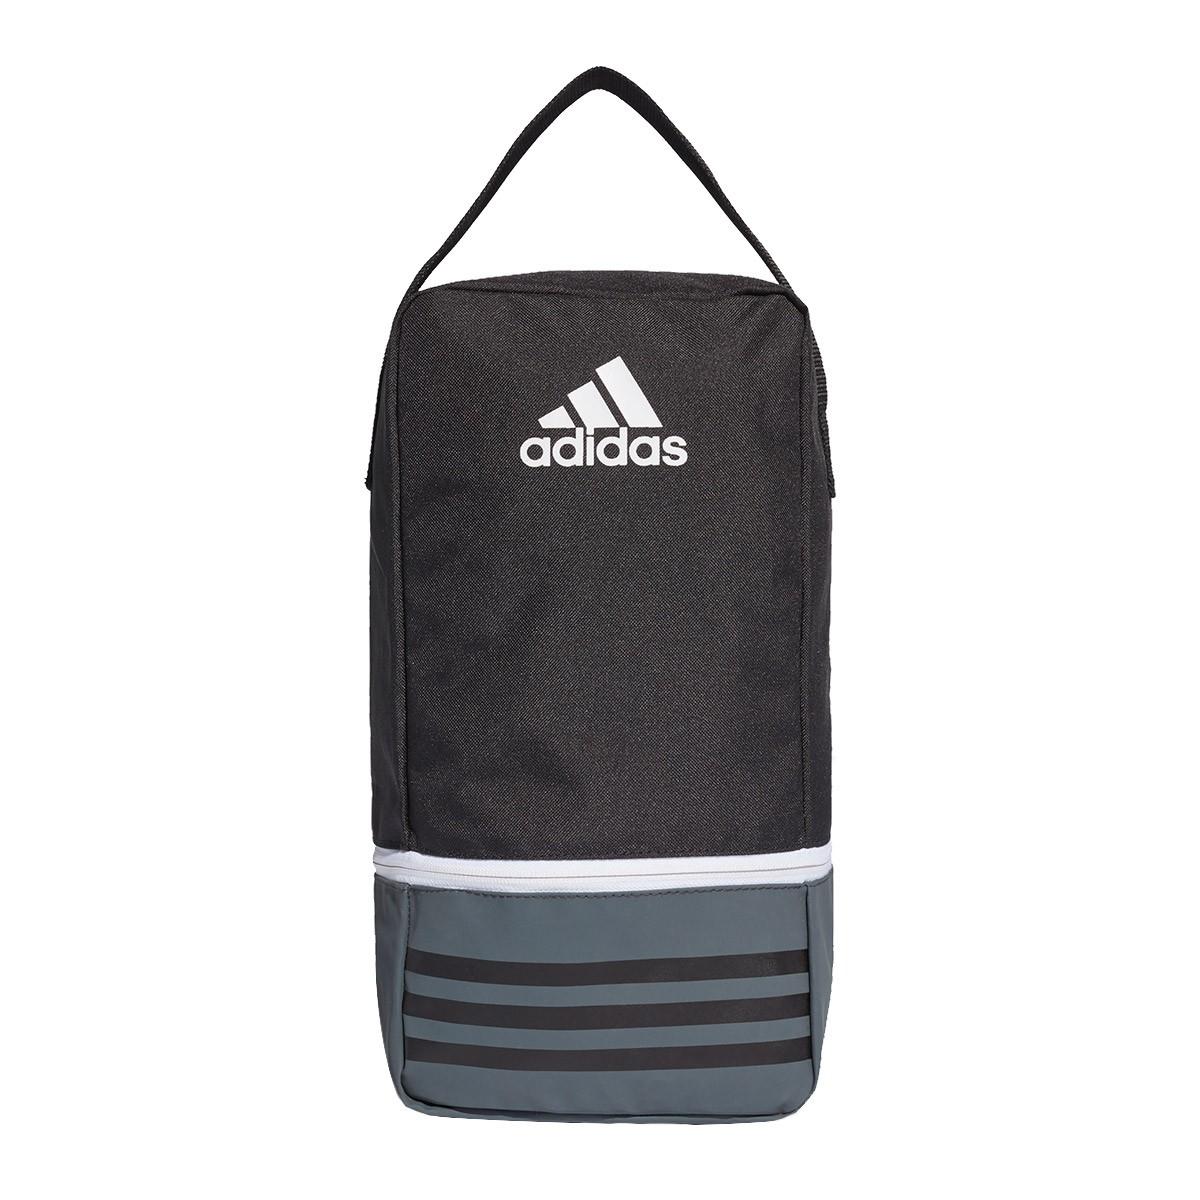 9b80327128 Boot bag adidas Tiro SB Black-White - Football store Fútbol Emotion